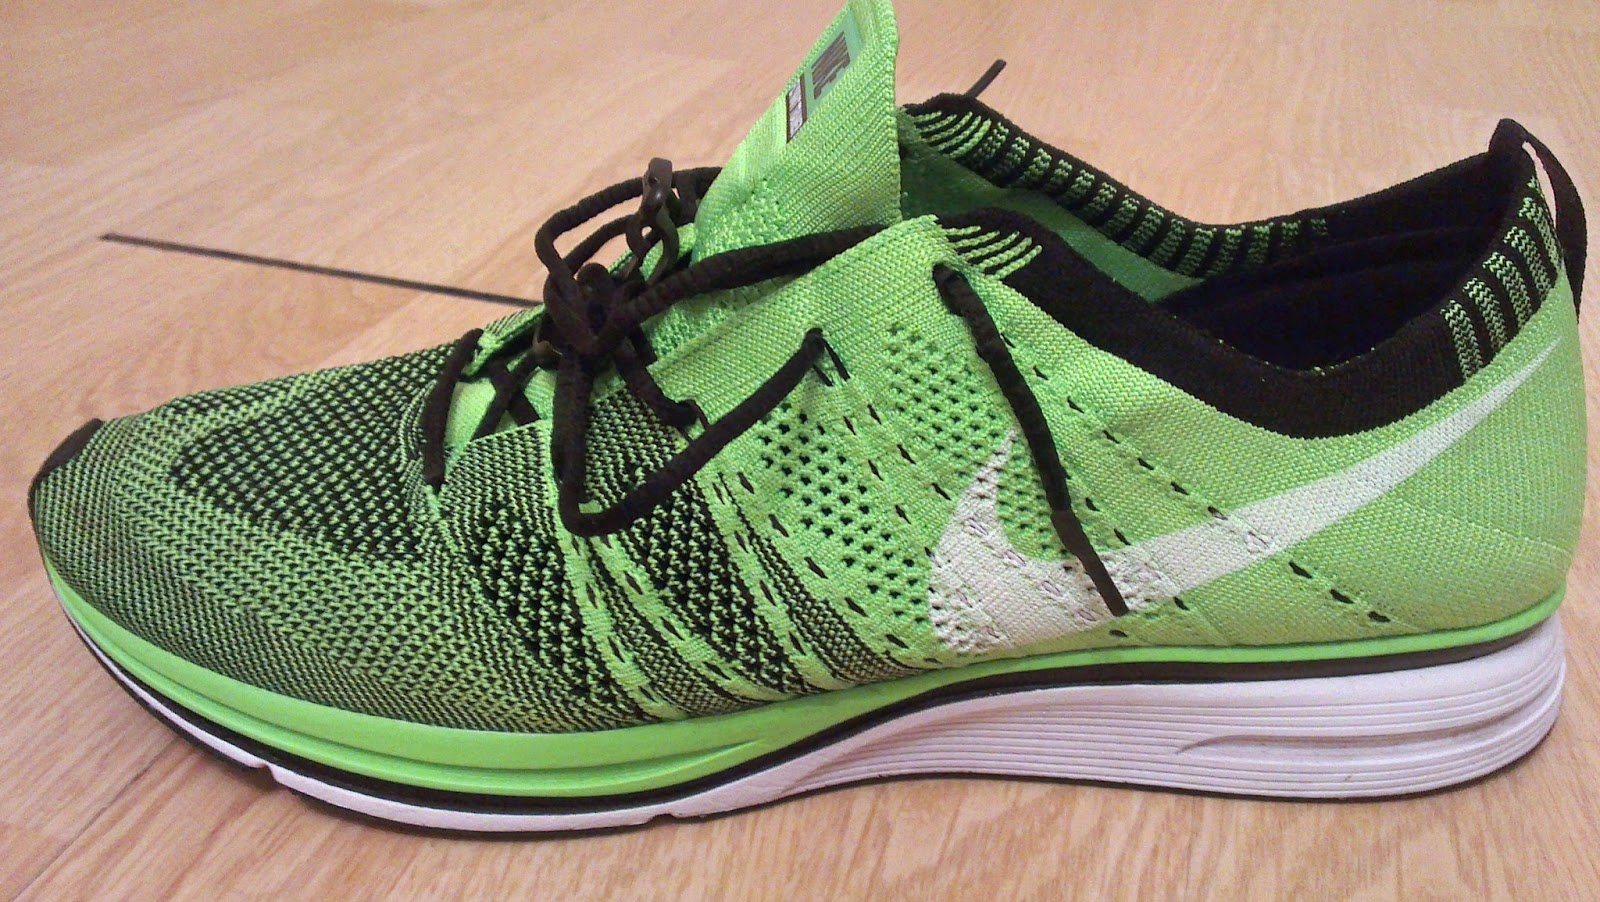 Nike Comentarios Entrenador Flyknit últimas colecciones descuento mejor venta populares en línea elección en línea yI9TH